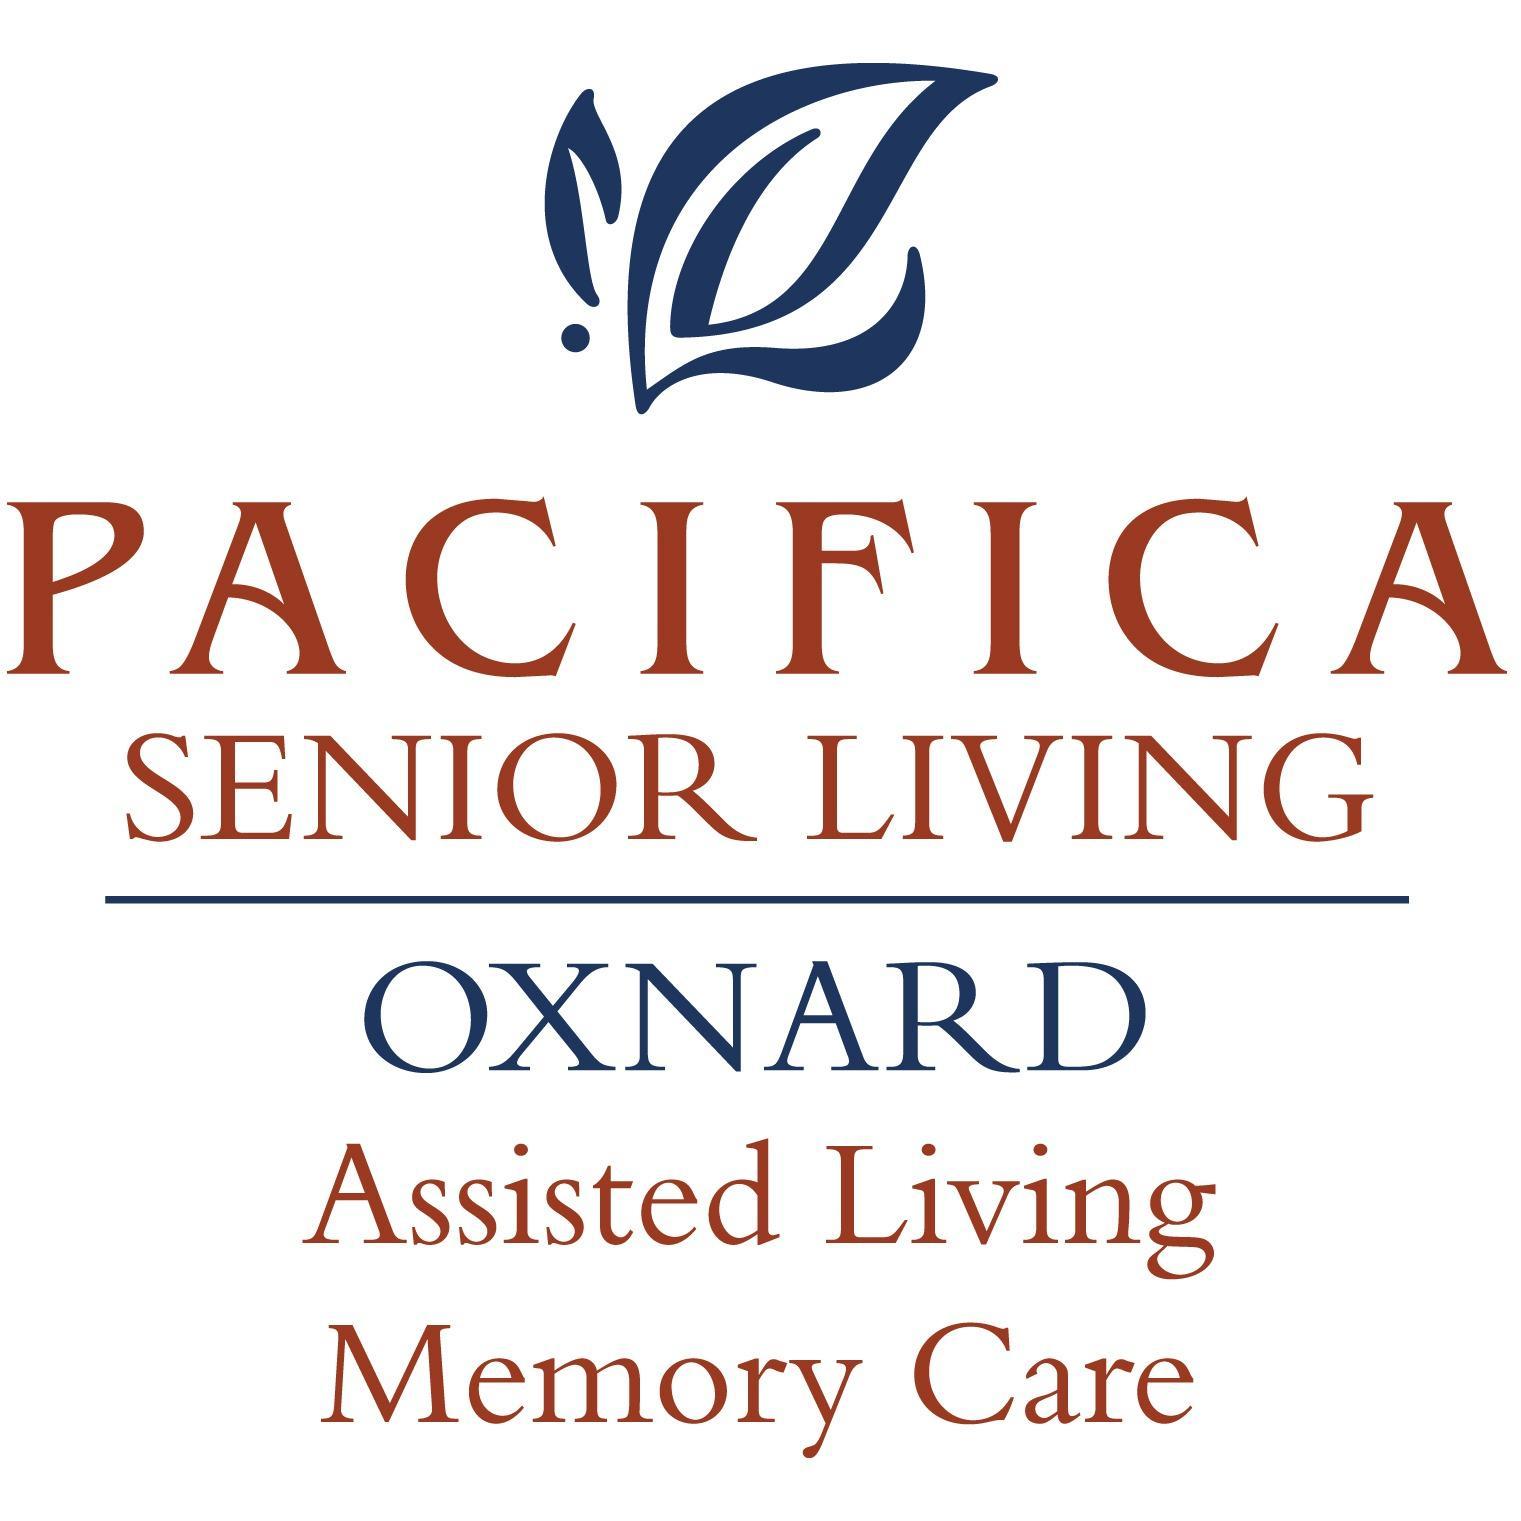 Pacifica Senior Living Oxnard